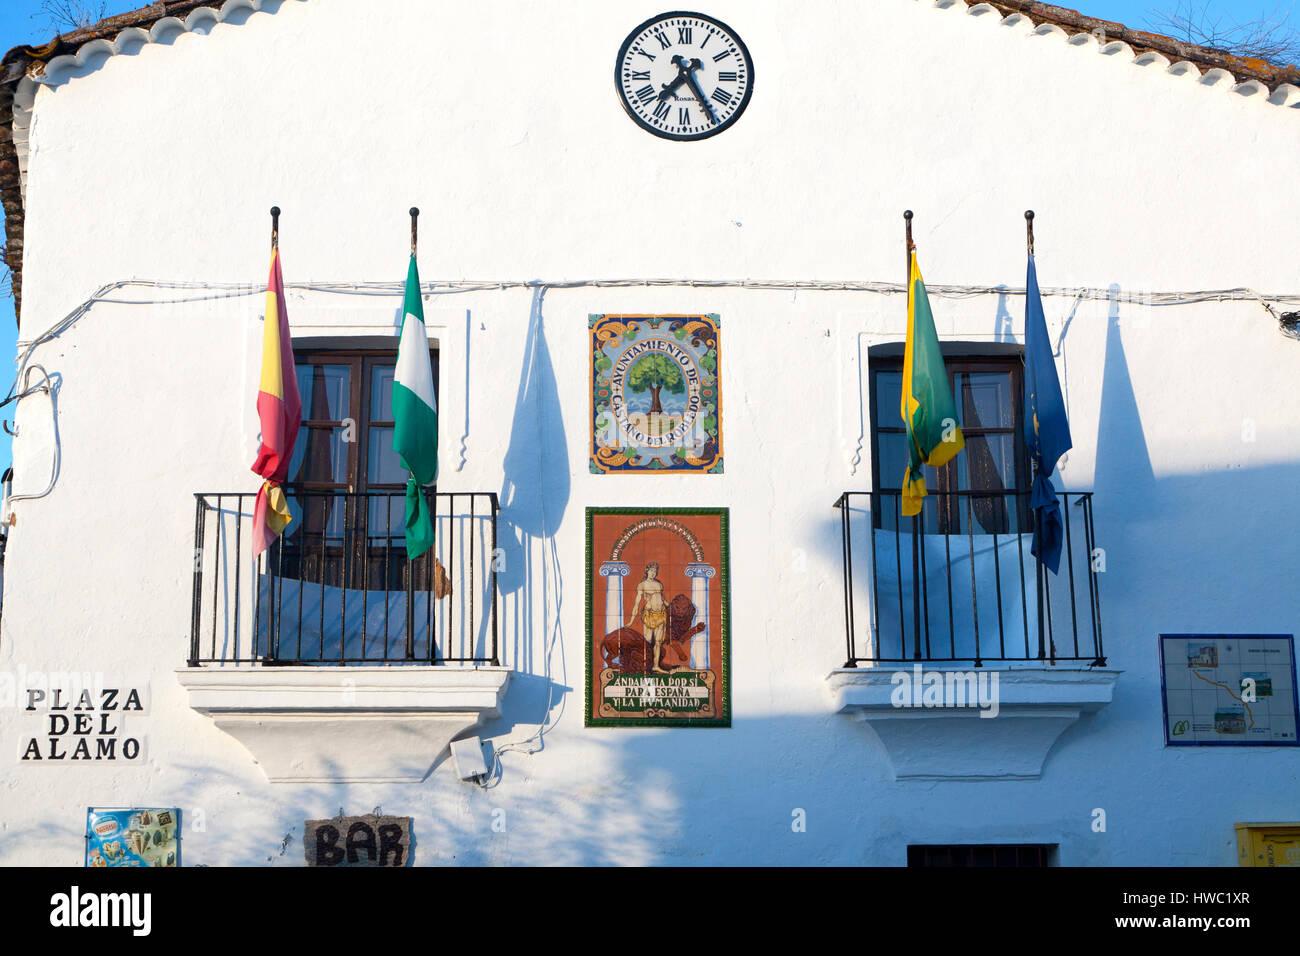 Ayuntamiento town hall building village of Castano del Robledo, Sierra de Aracena, Huelva province, Spain Stock Photo